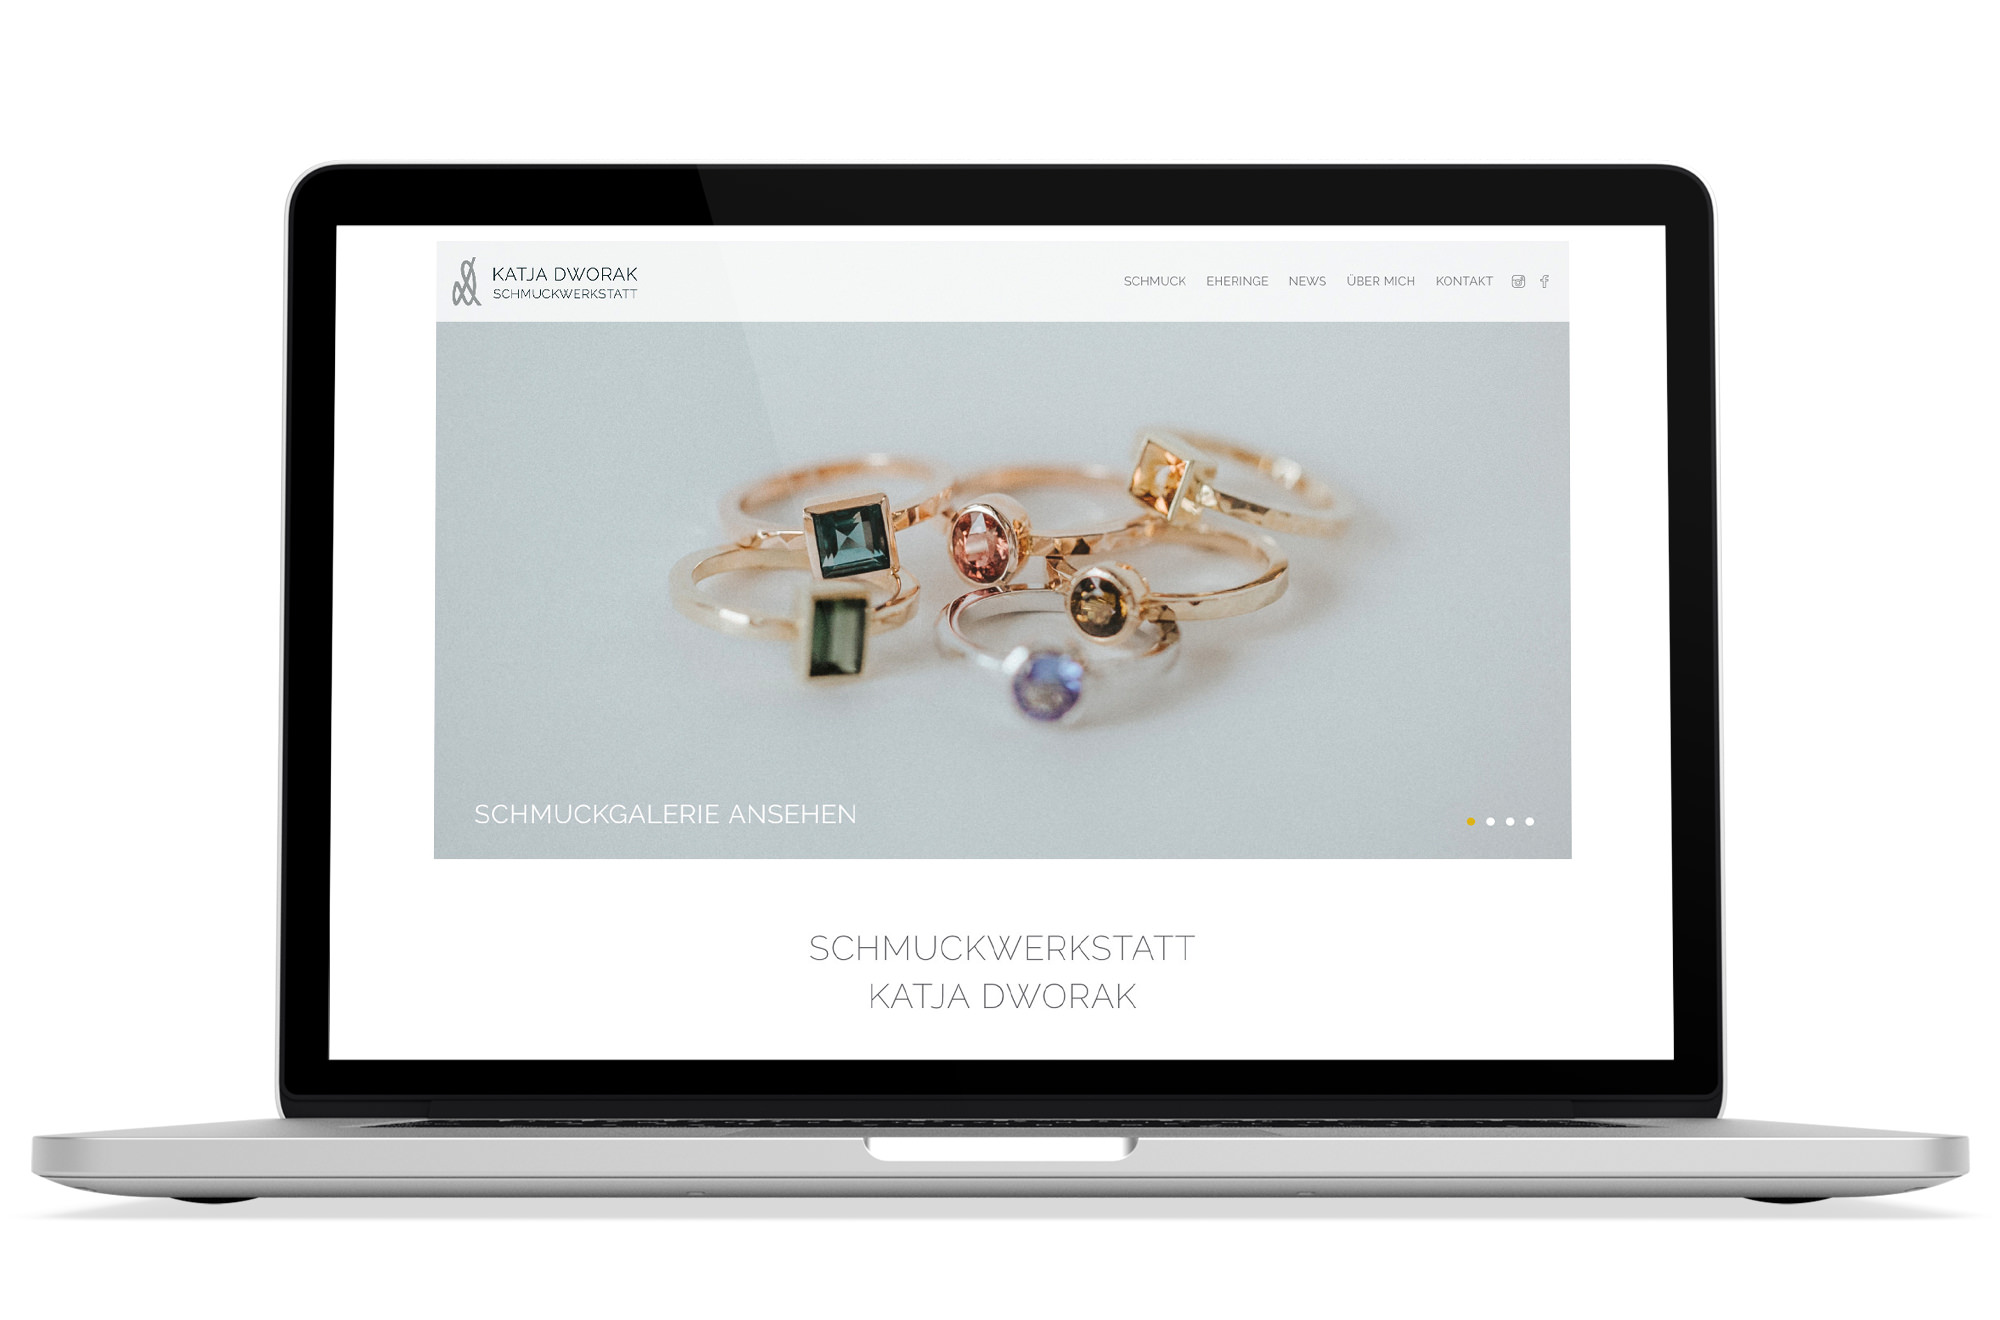 Webdesign Beispiel: Responsive Webdesign, WordPress für Schmuck, Eheringe & Schmuck Reparatur Wien